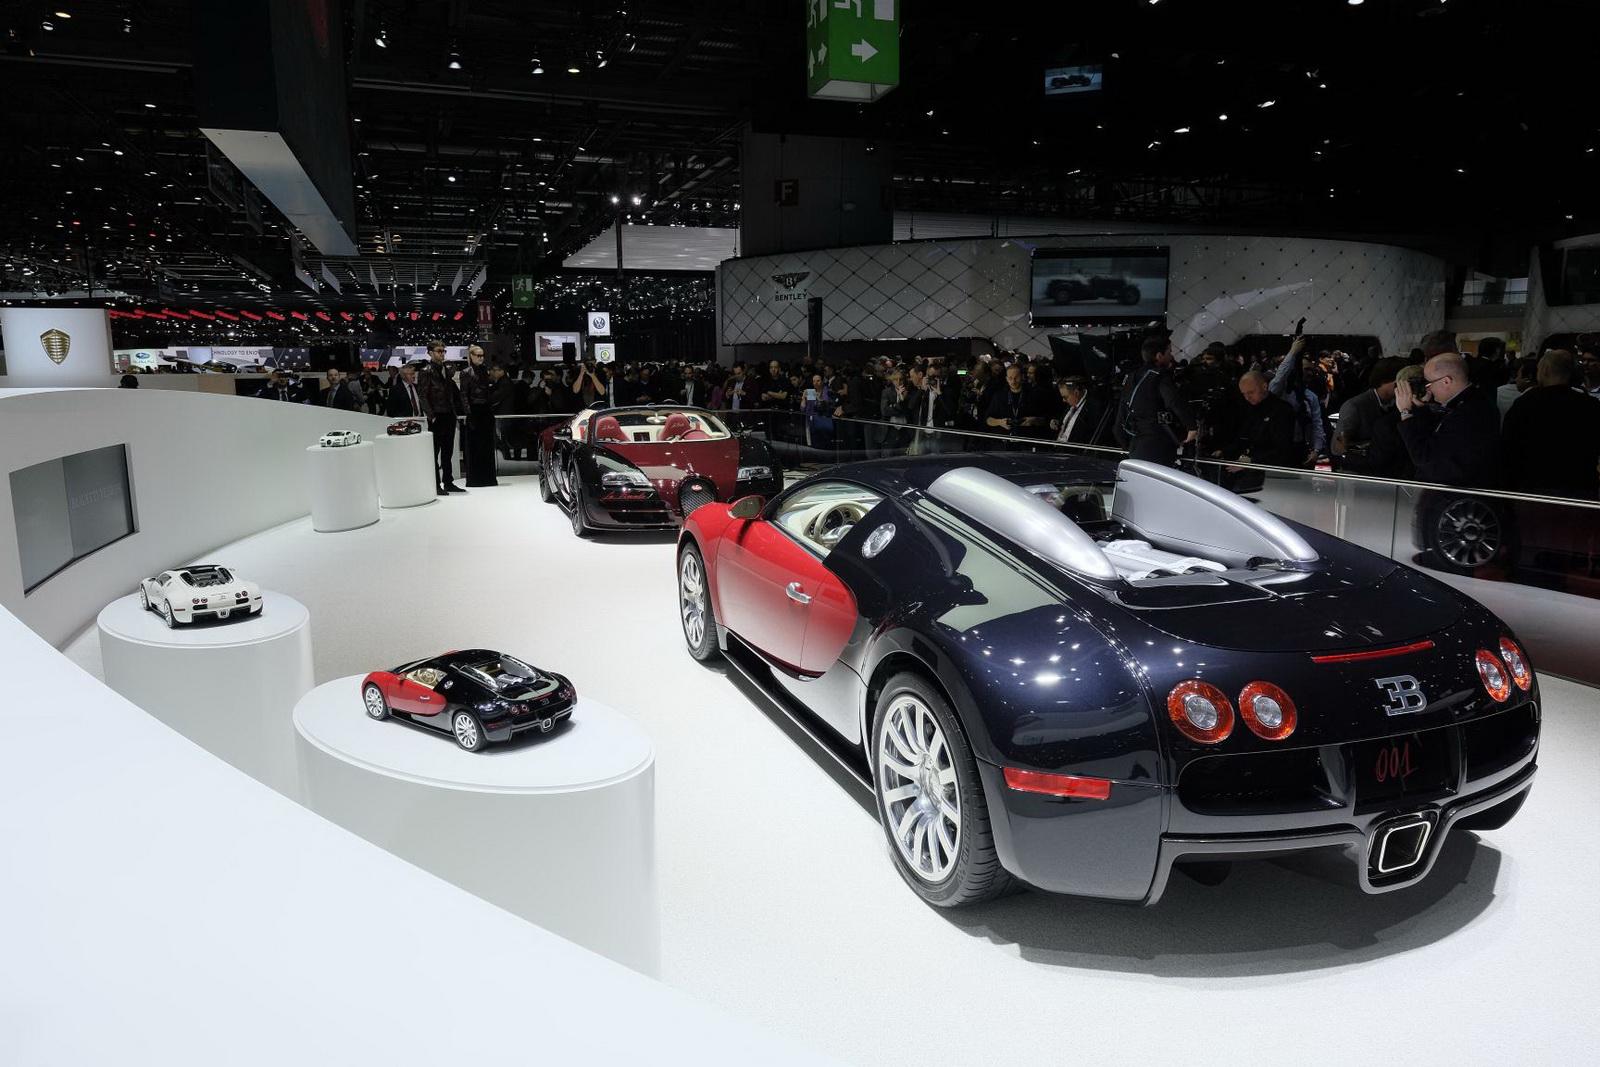 Bugatti-Veyron-Chassis-1-6